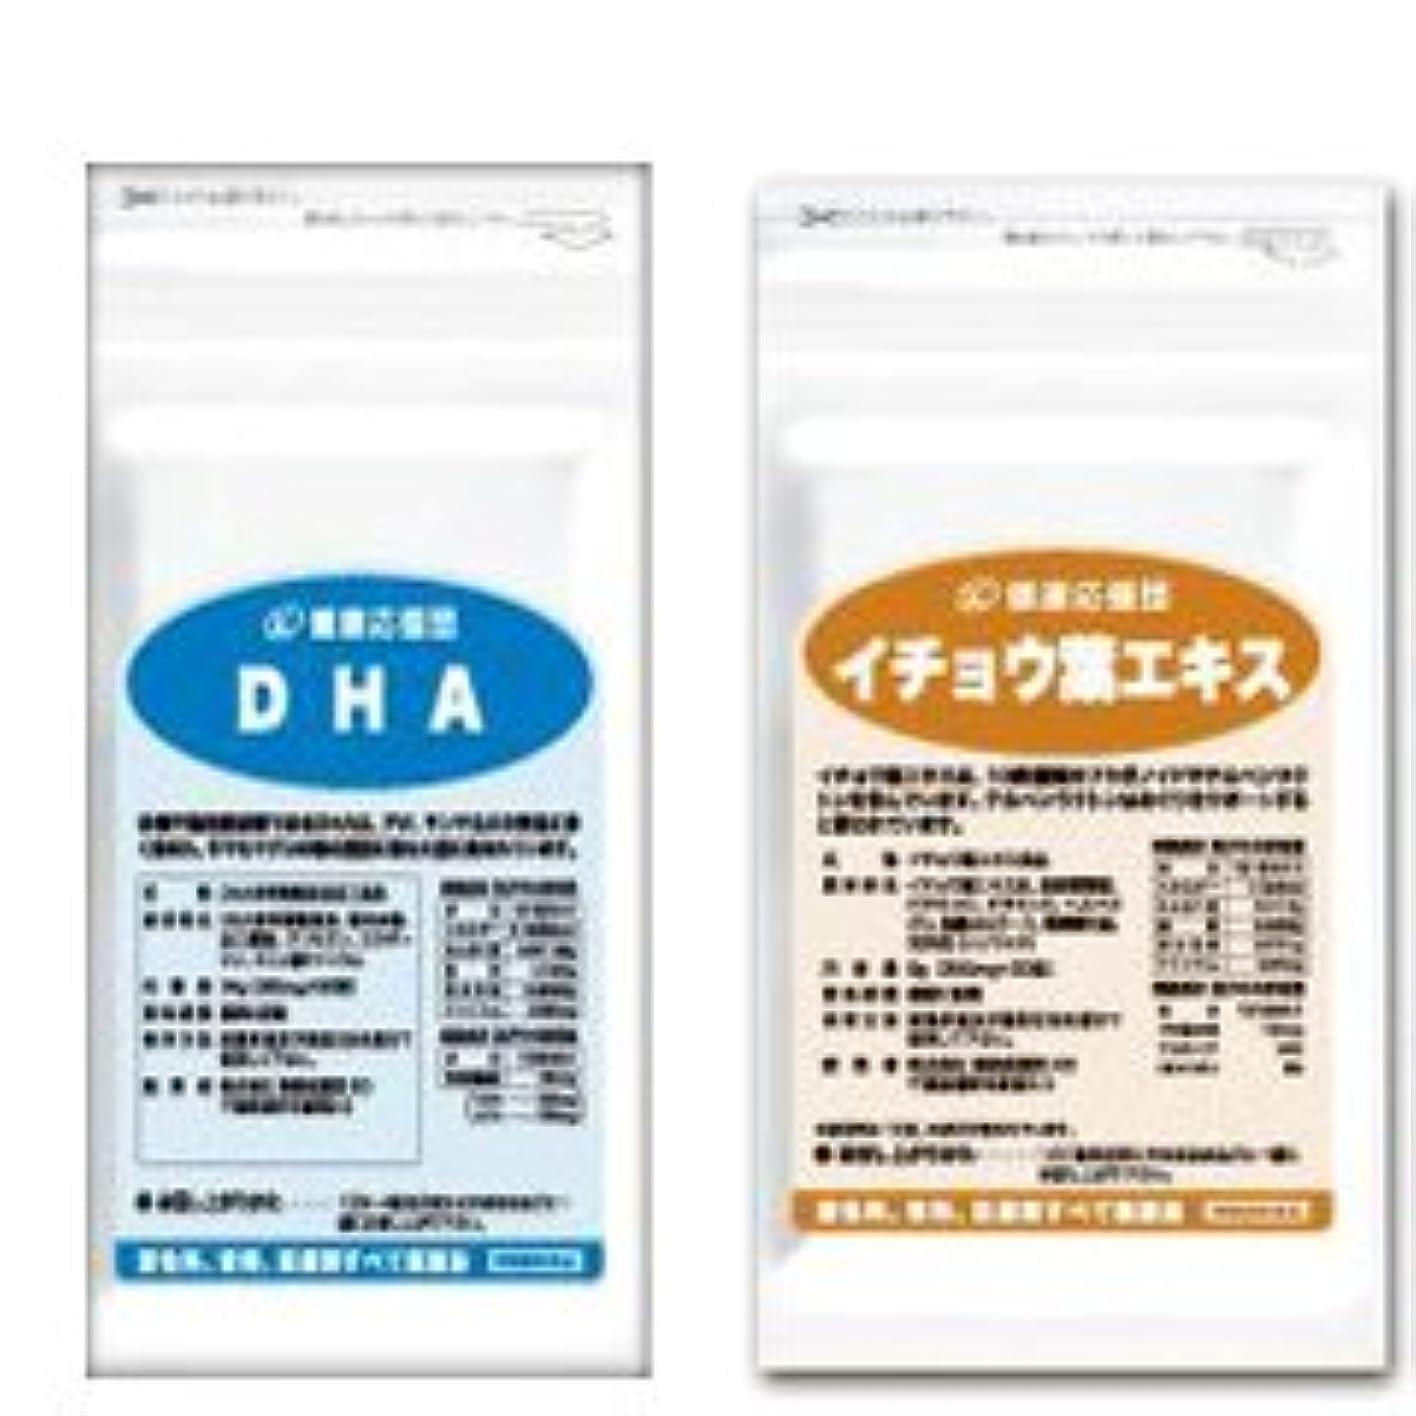 ブレイズ降下同級生(お徳用3か月分)サラサラ巡りセット DHA + イチョウ葉エキス 3袋&3袋セット(DHA?EPA?イチョウ葉?ビタミンC?ビタミンE?ビタミンP配合)